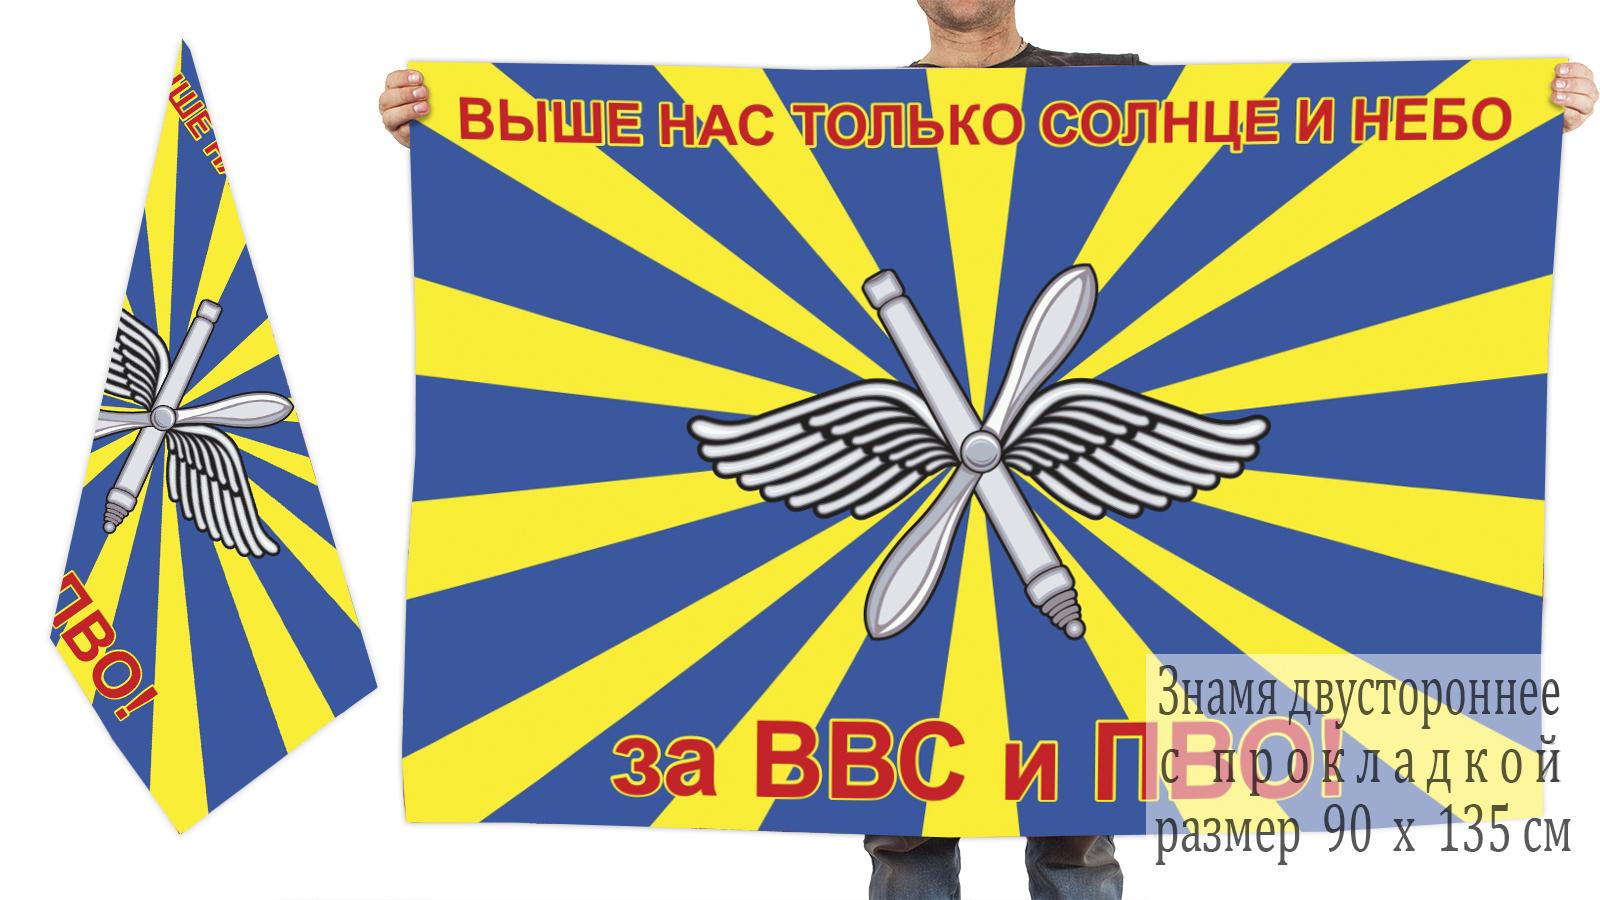 Купить флаги ВВС недорого